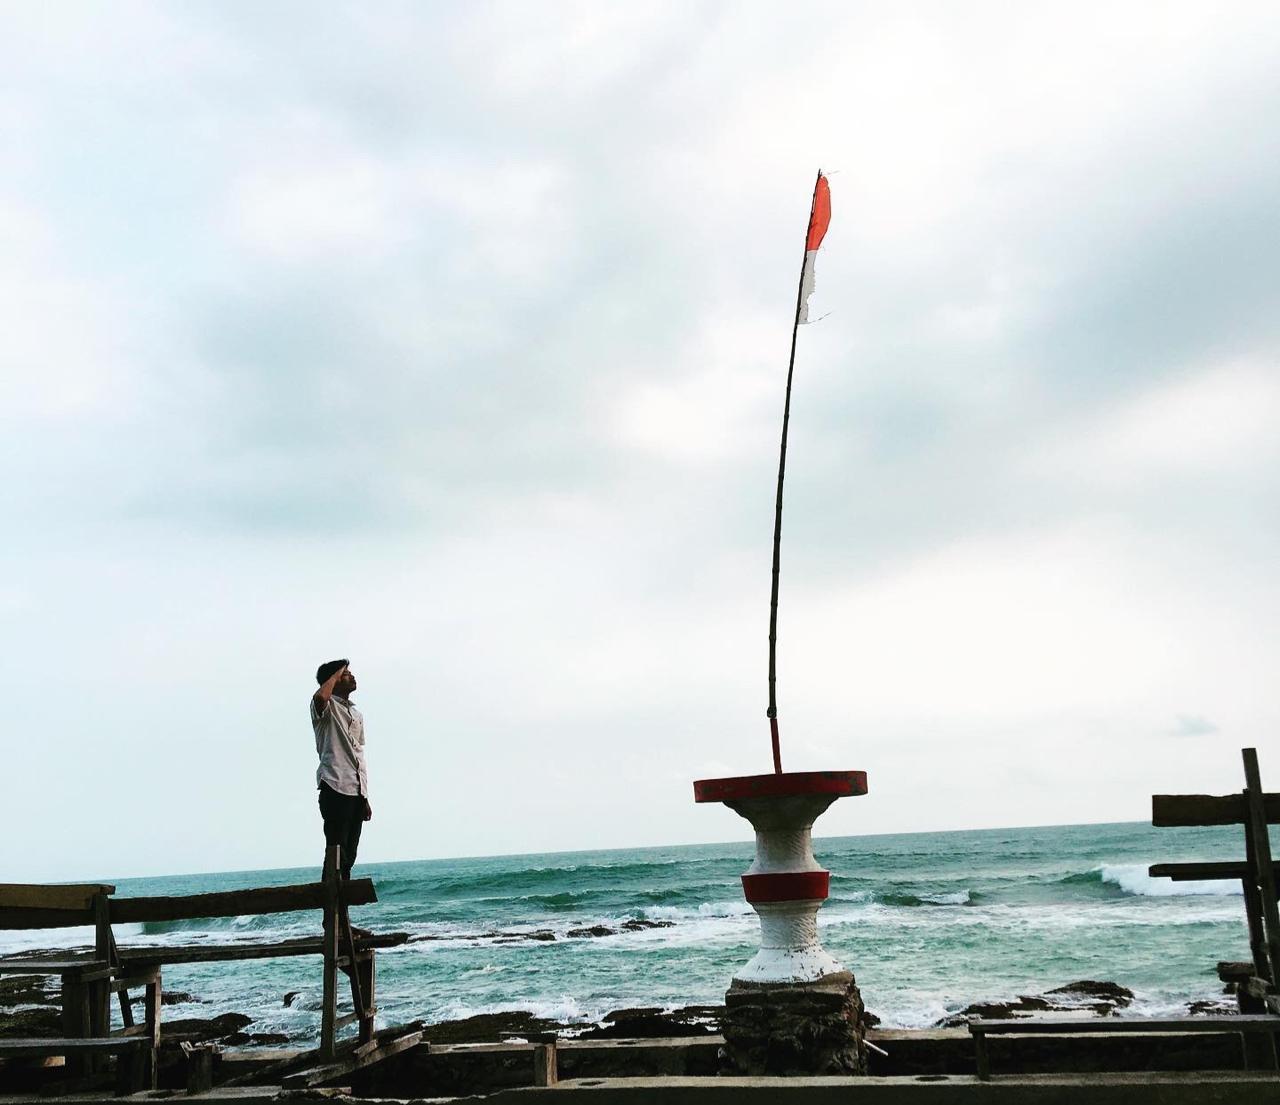 Semangat Perjuangan Menuju Indonesia Maju